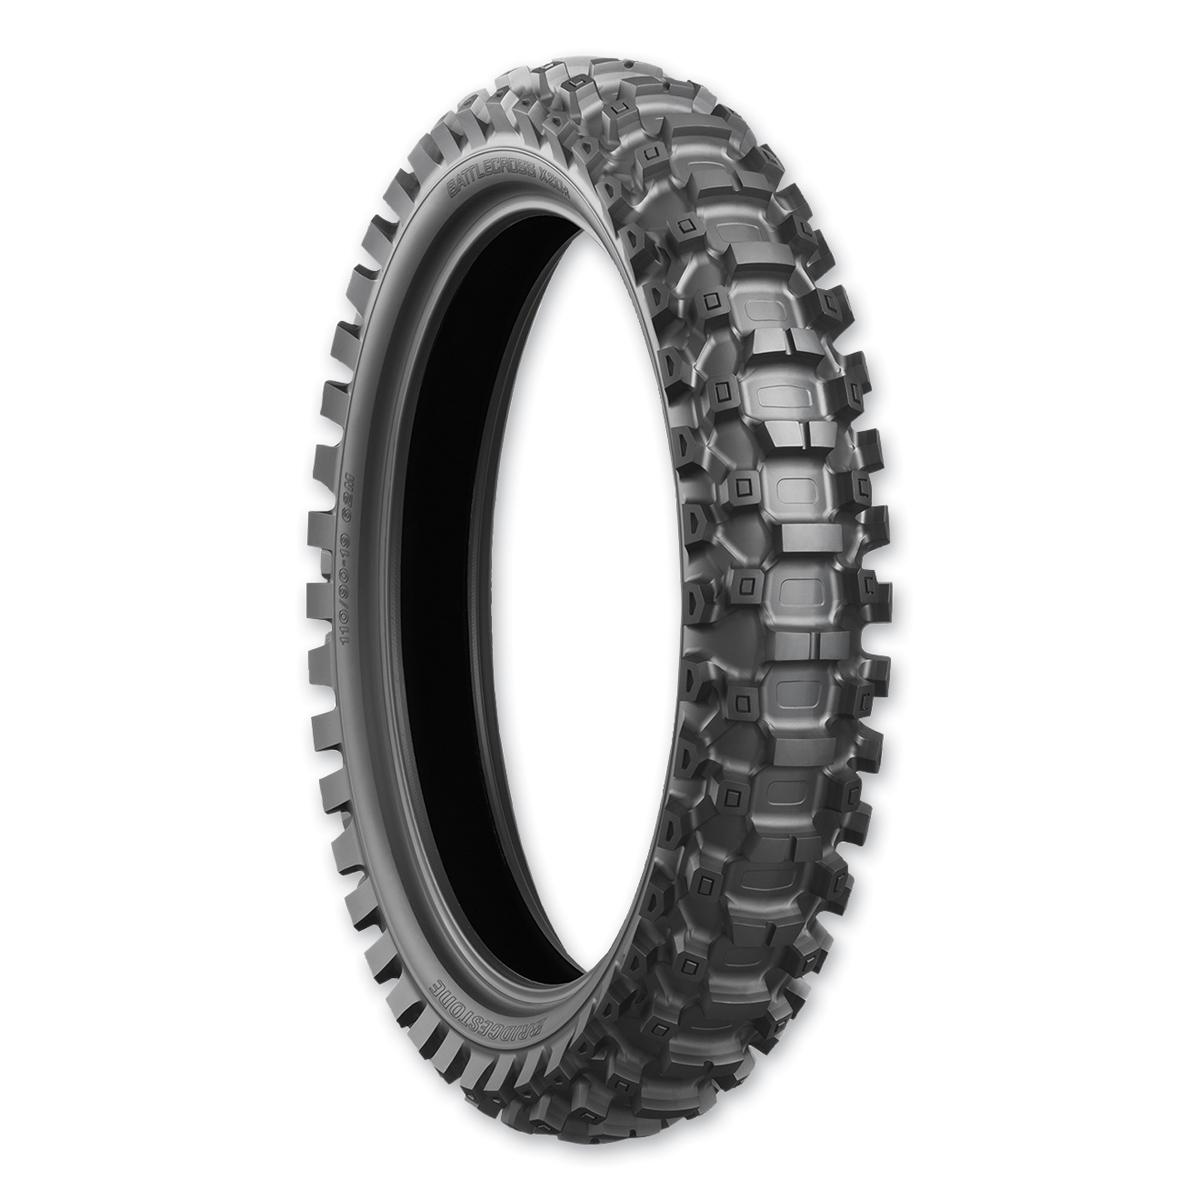 Bridgestone Battlecross X20 110/90-19 S/T Rear Tire